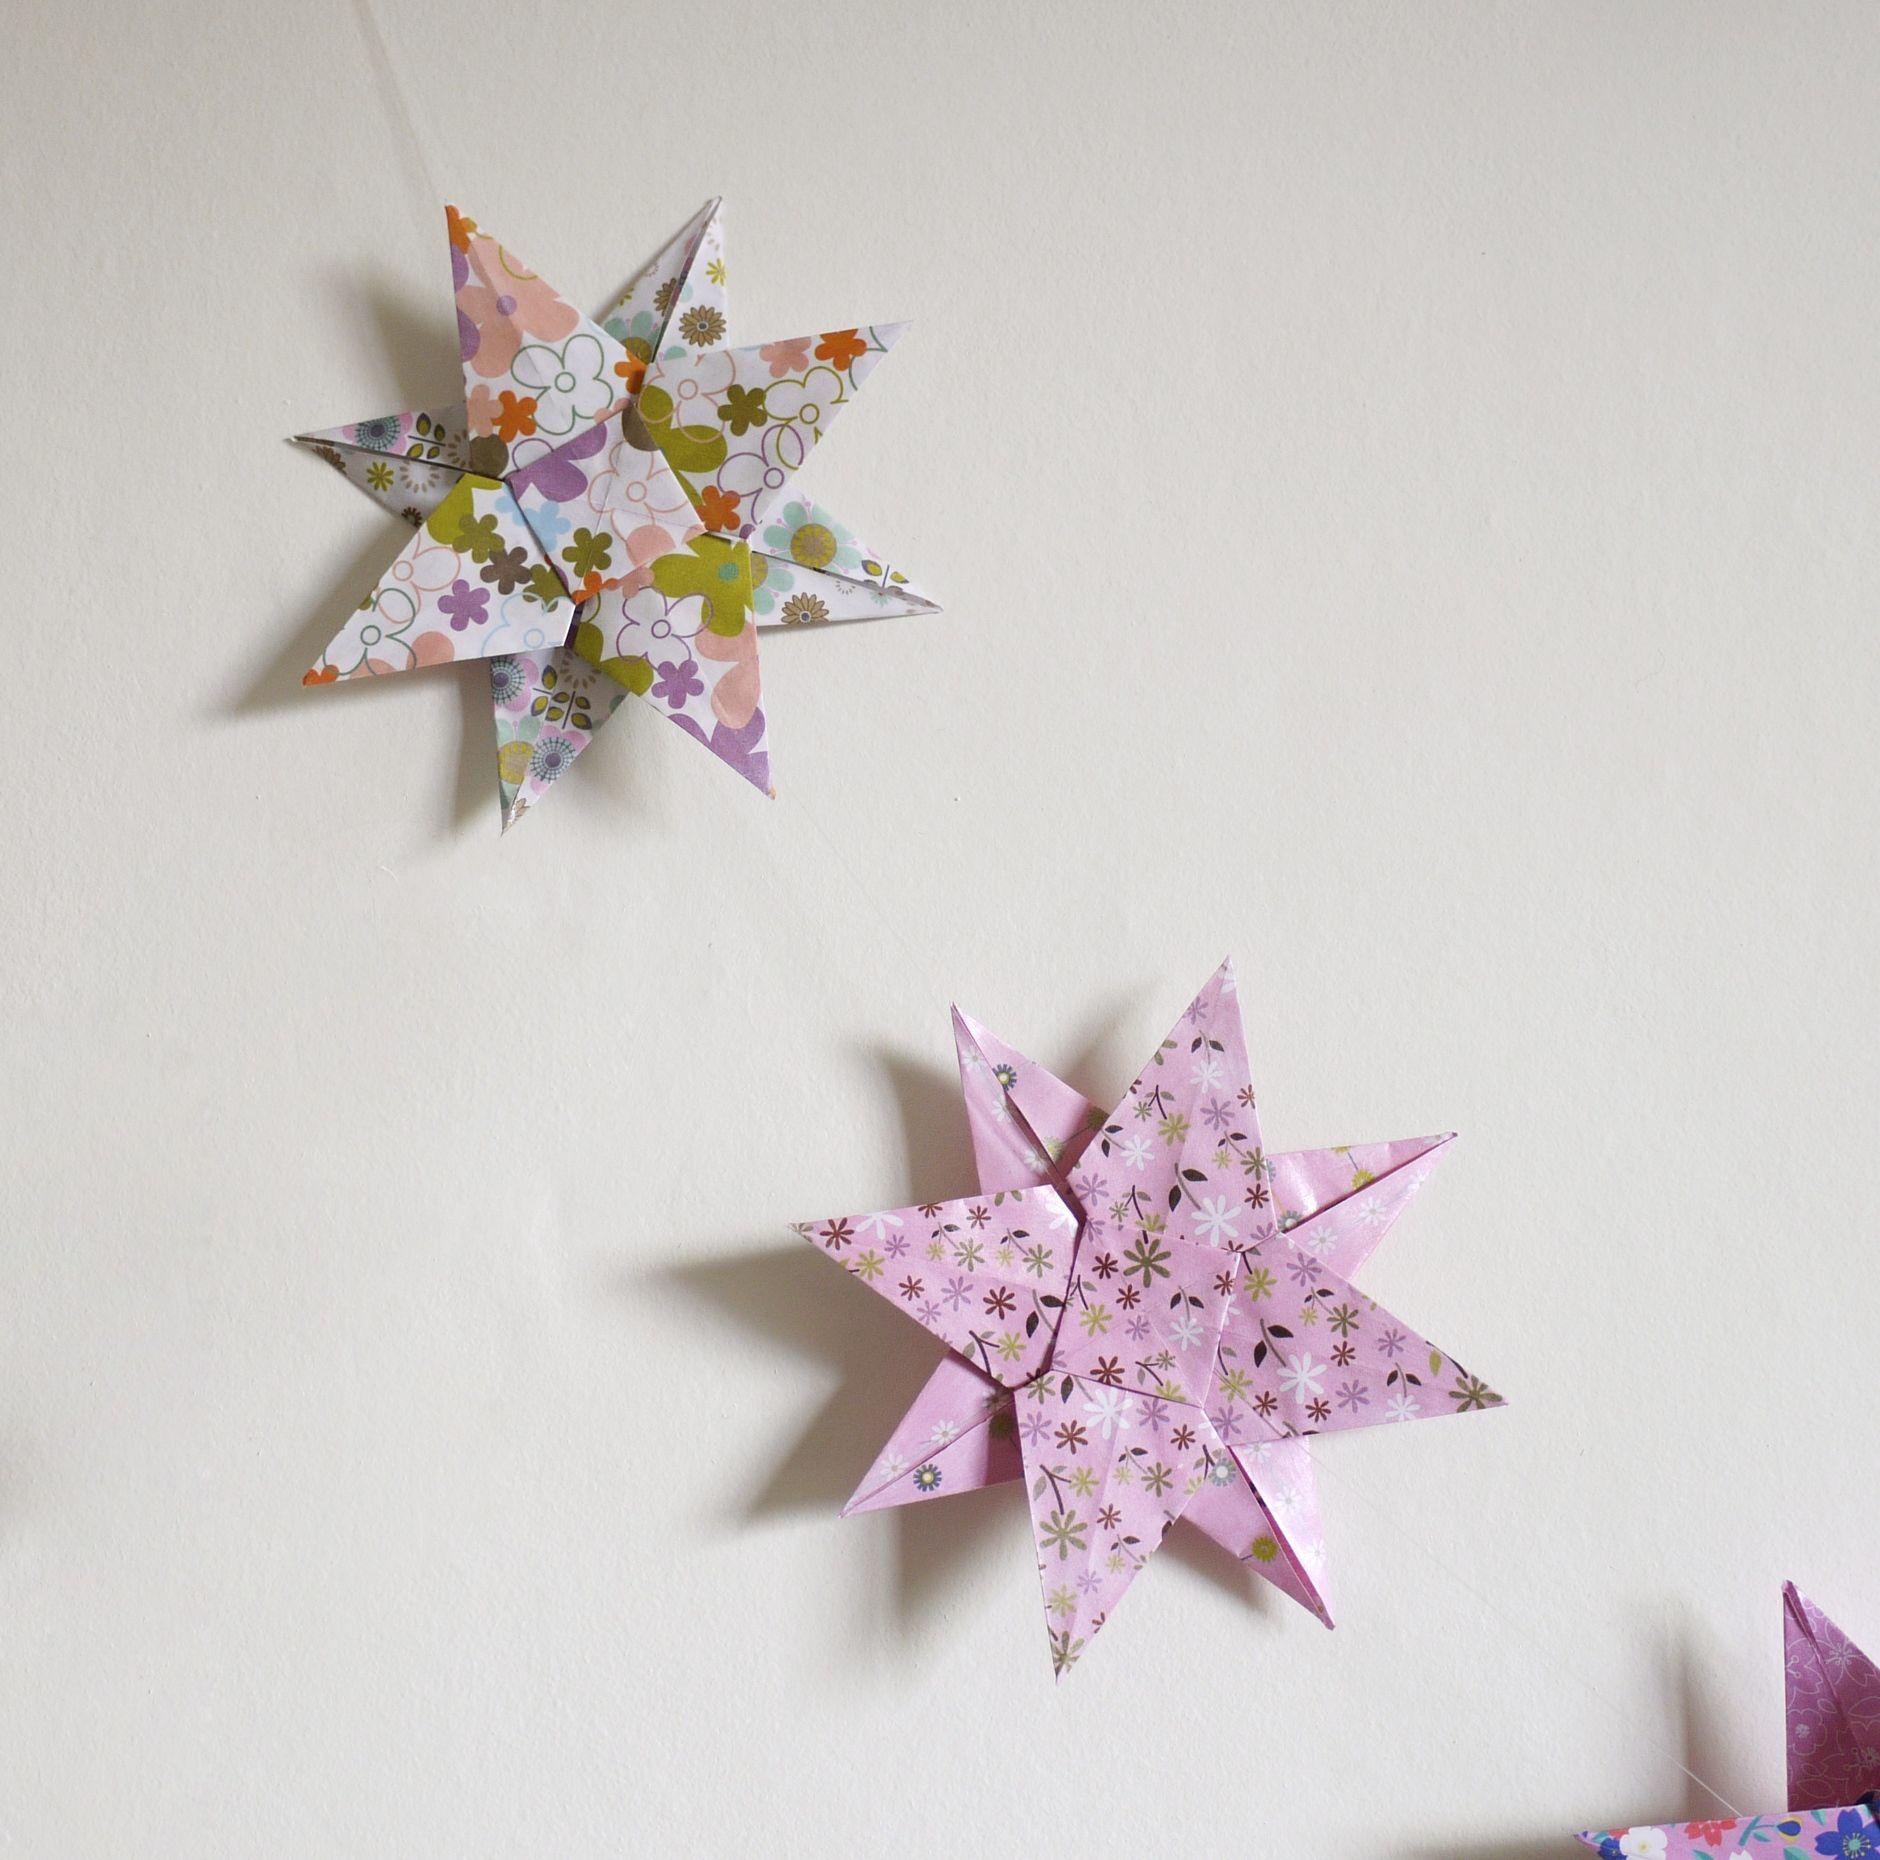 guirlande b b origami toile rose violet parme pour. Black Bedroom Furniture Sets. Home Design Ideas